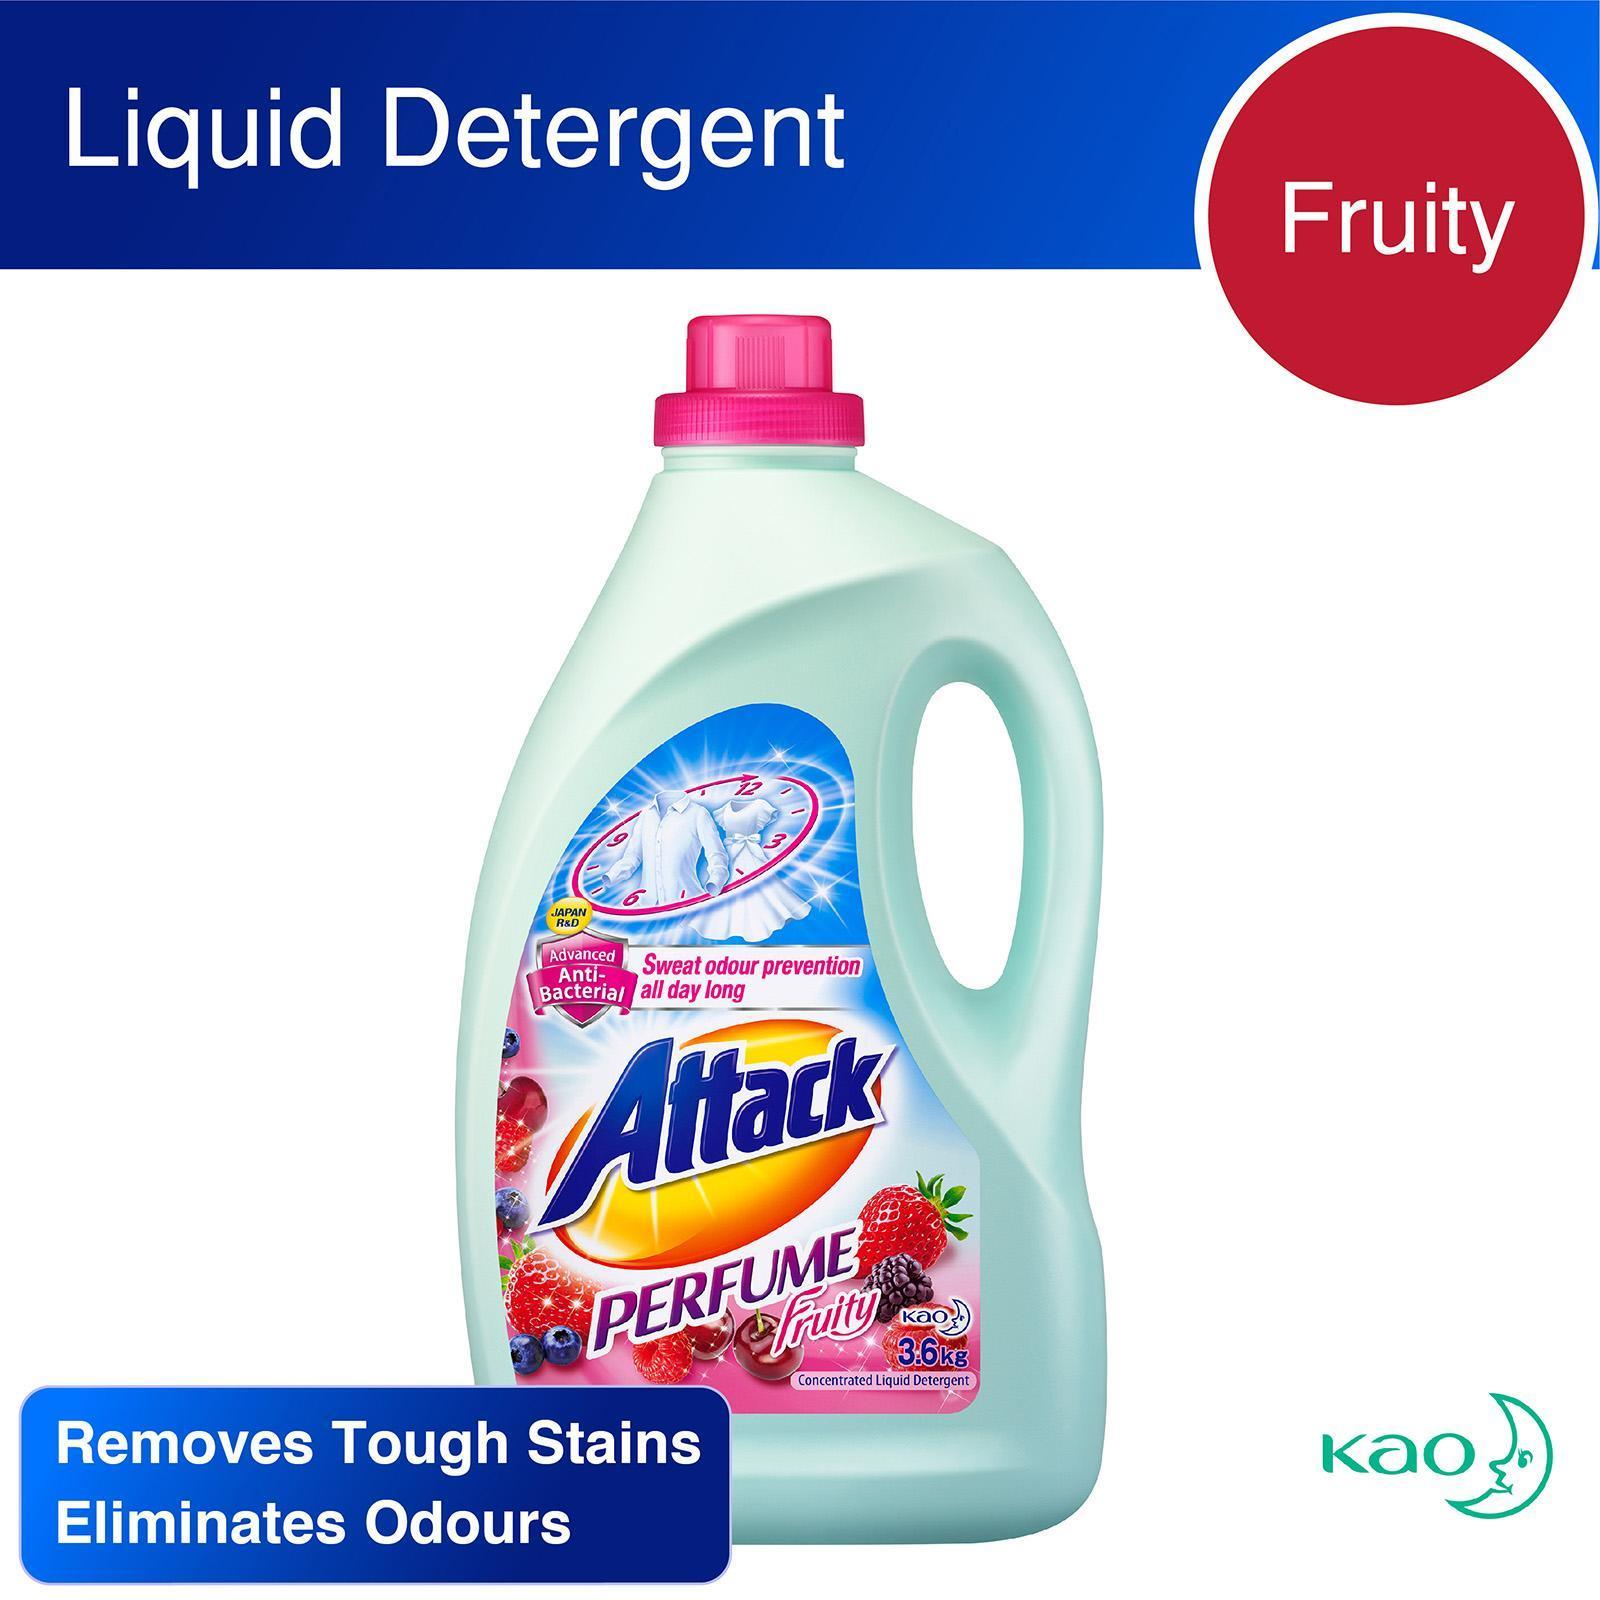 Attack Liquid Detergent - Perfume (Floral)